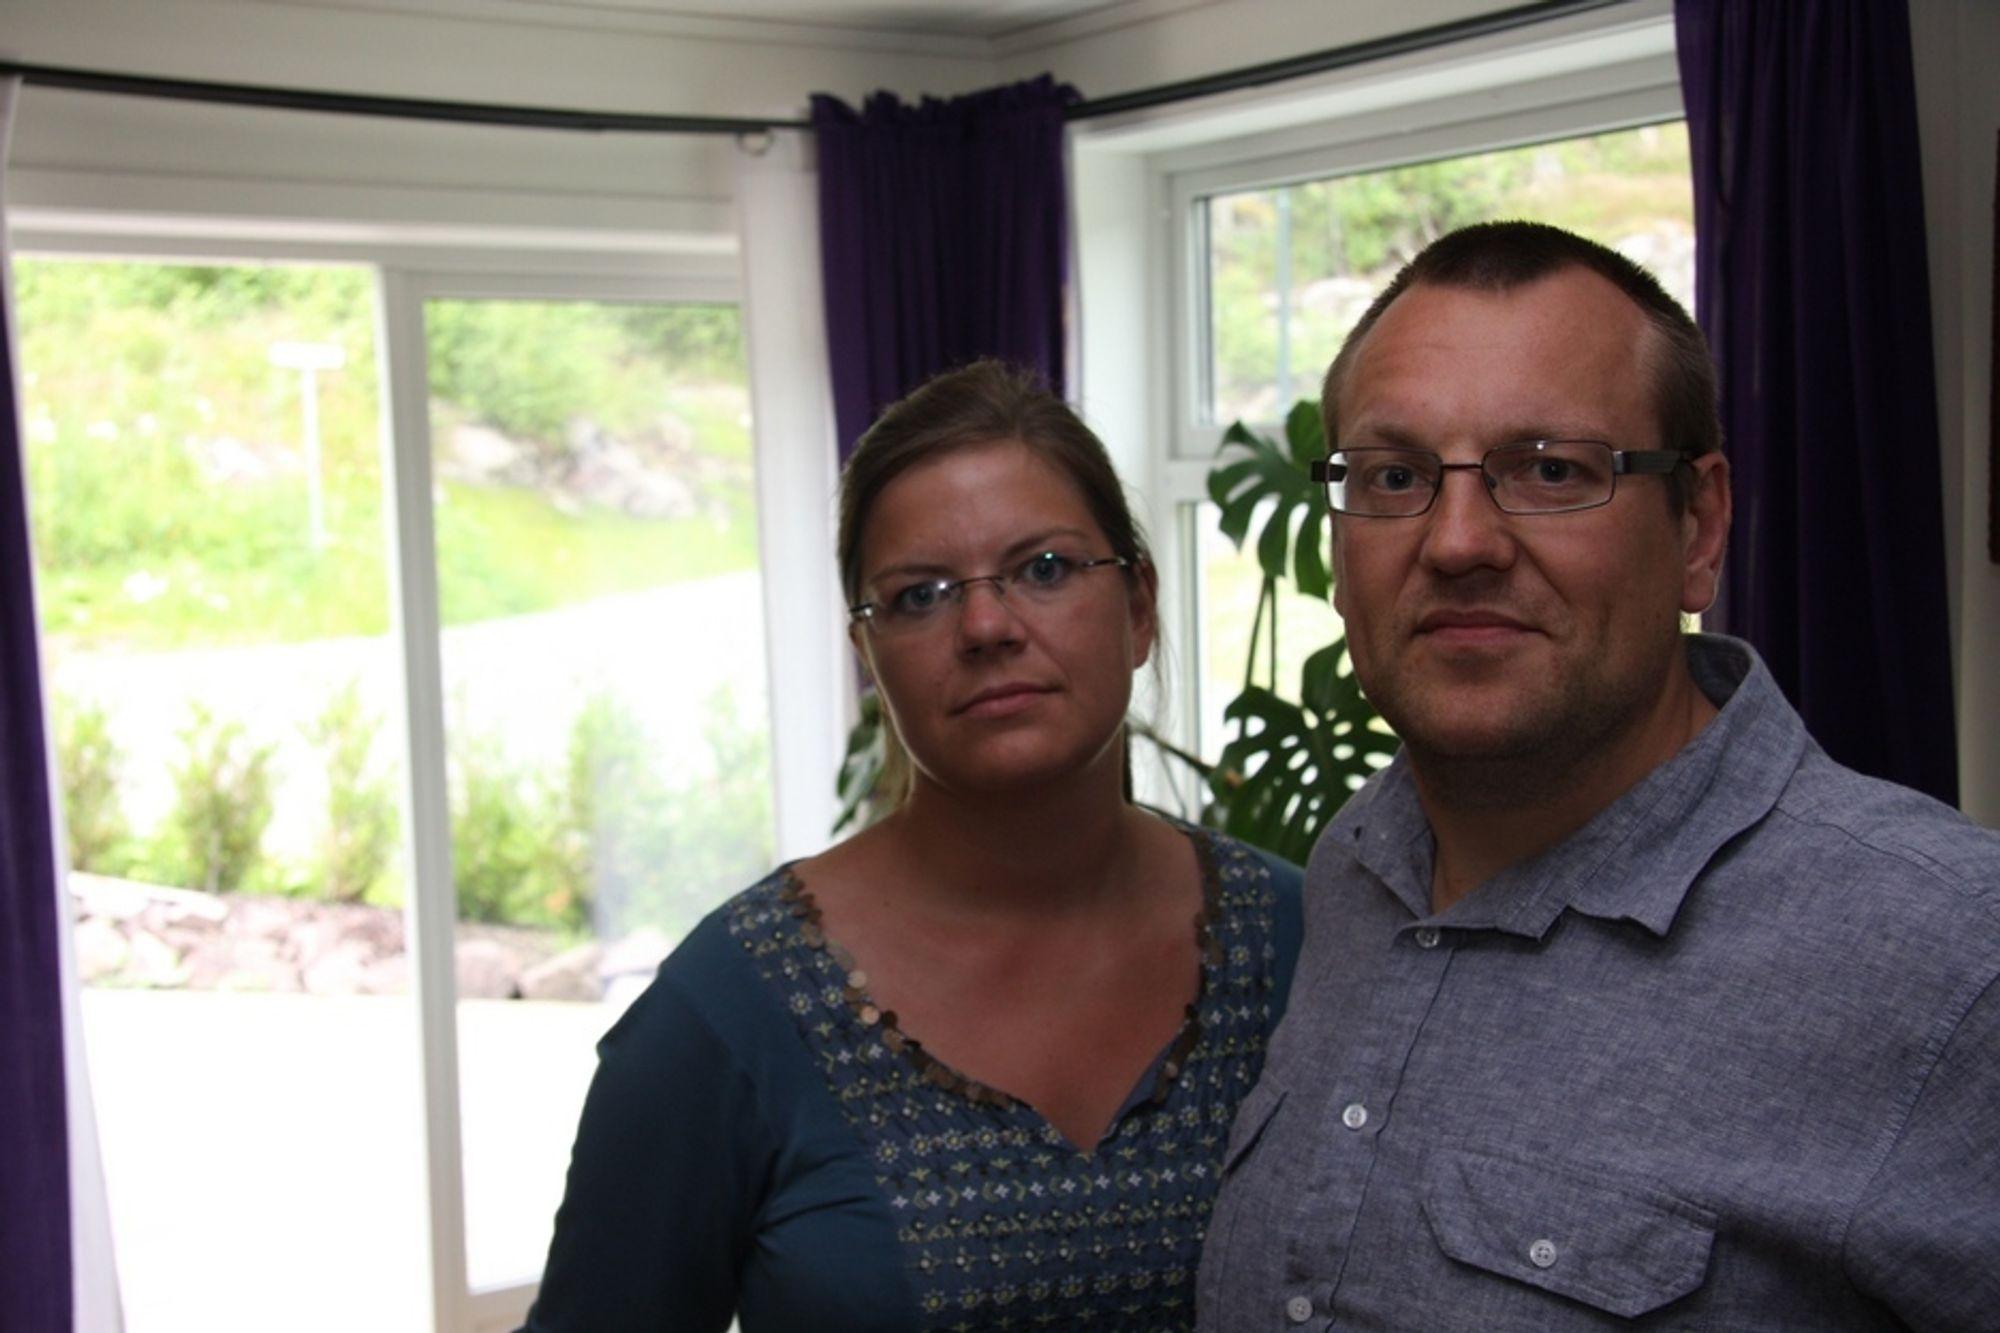 PLAGSOMT VARMT: Beate Karlsen og Håvard Hokholt har det plagsomt varmt i huset sitt i Lommedalen. Husentreprenøren JM Byggholt lover fortsatt dialog med paret.